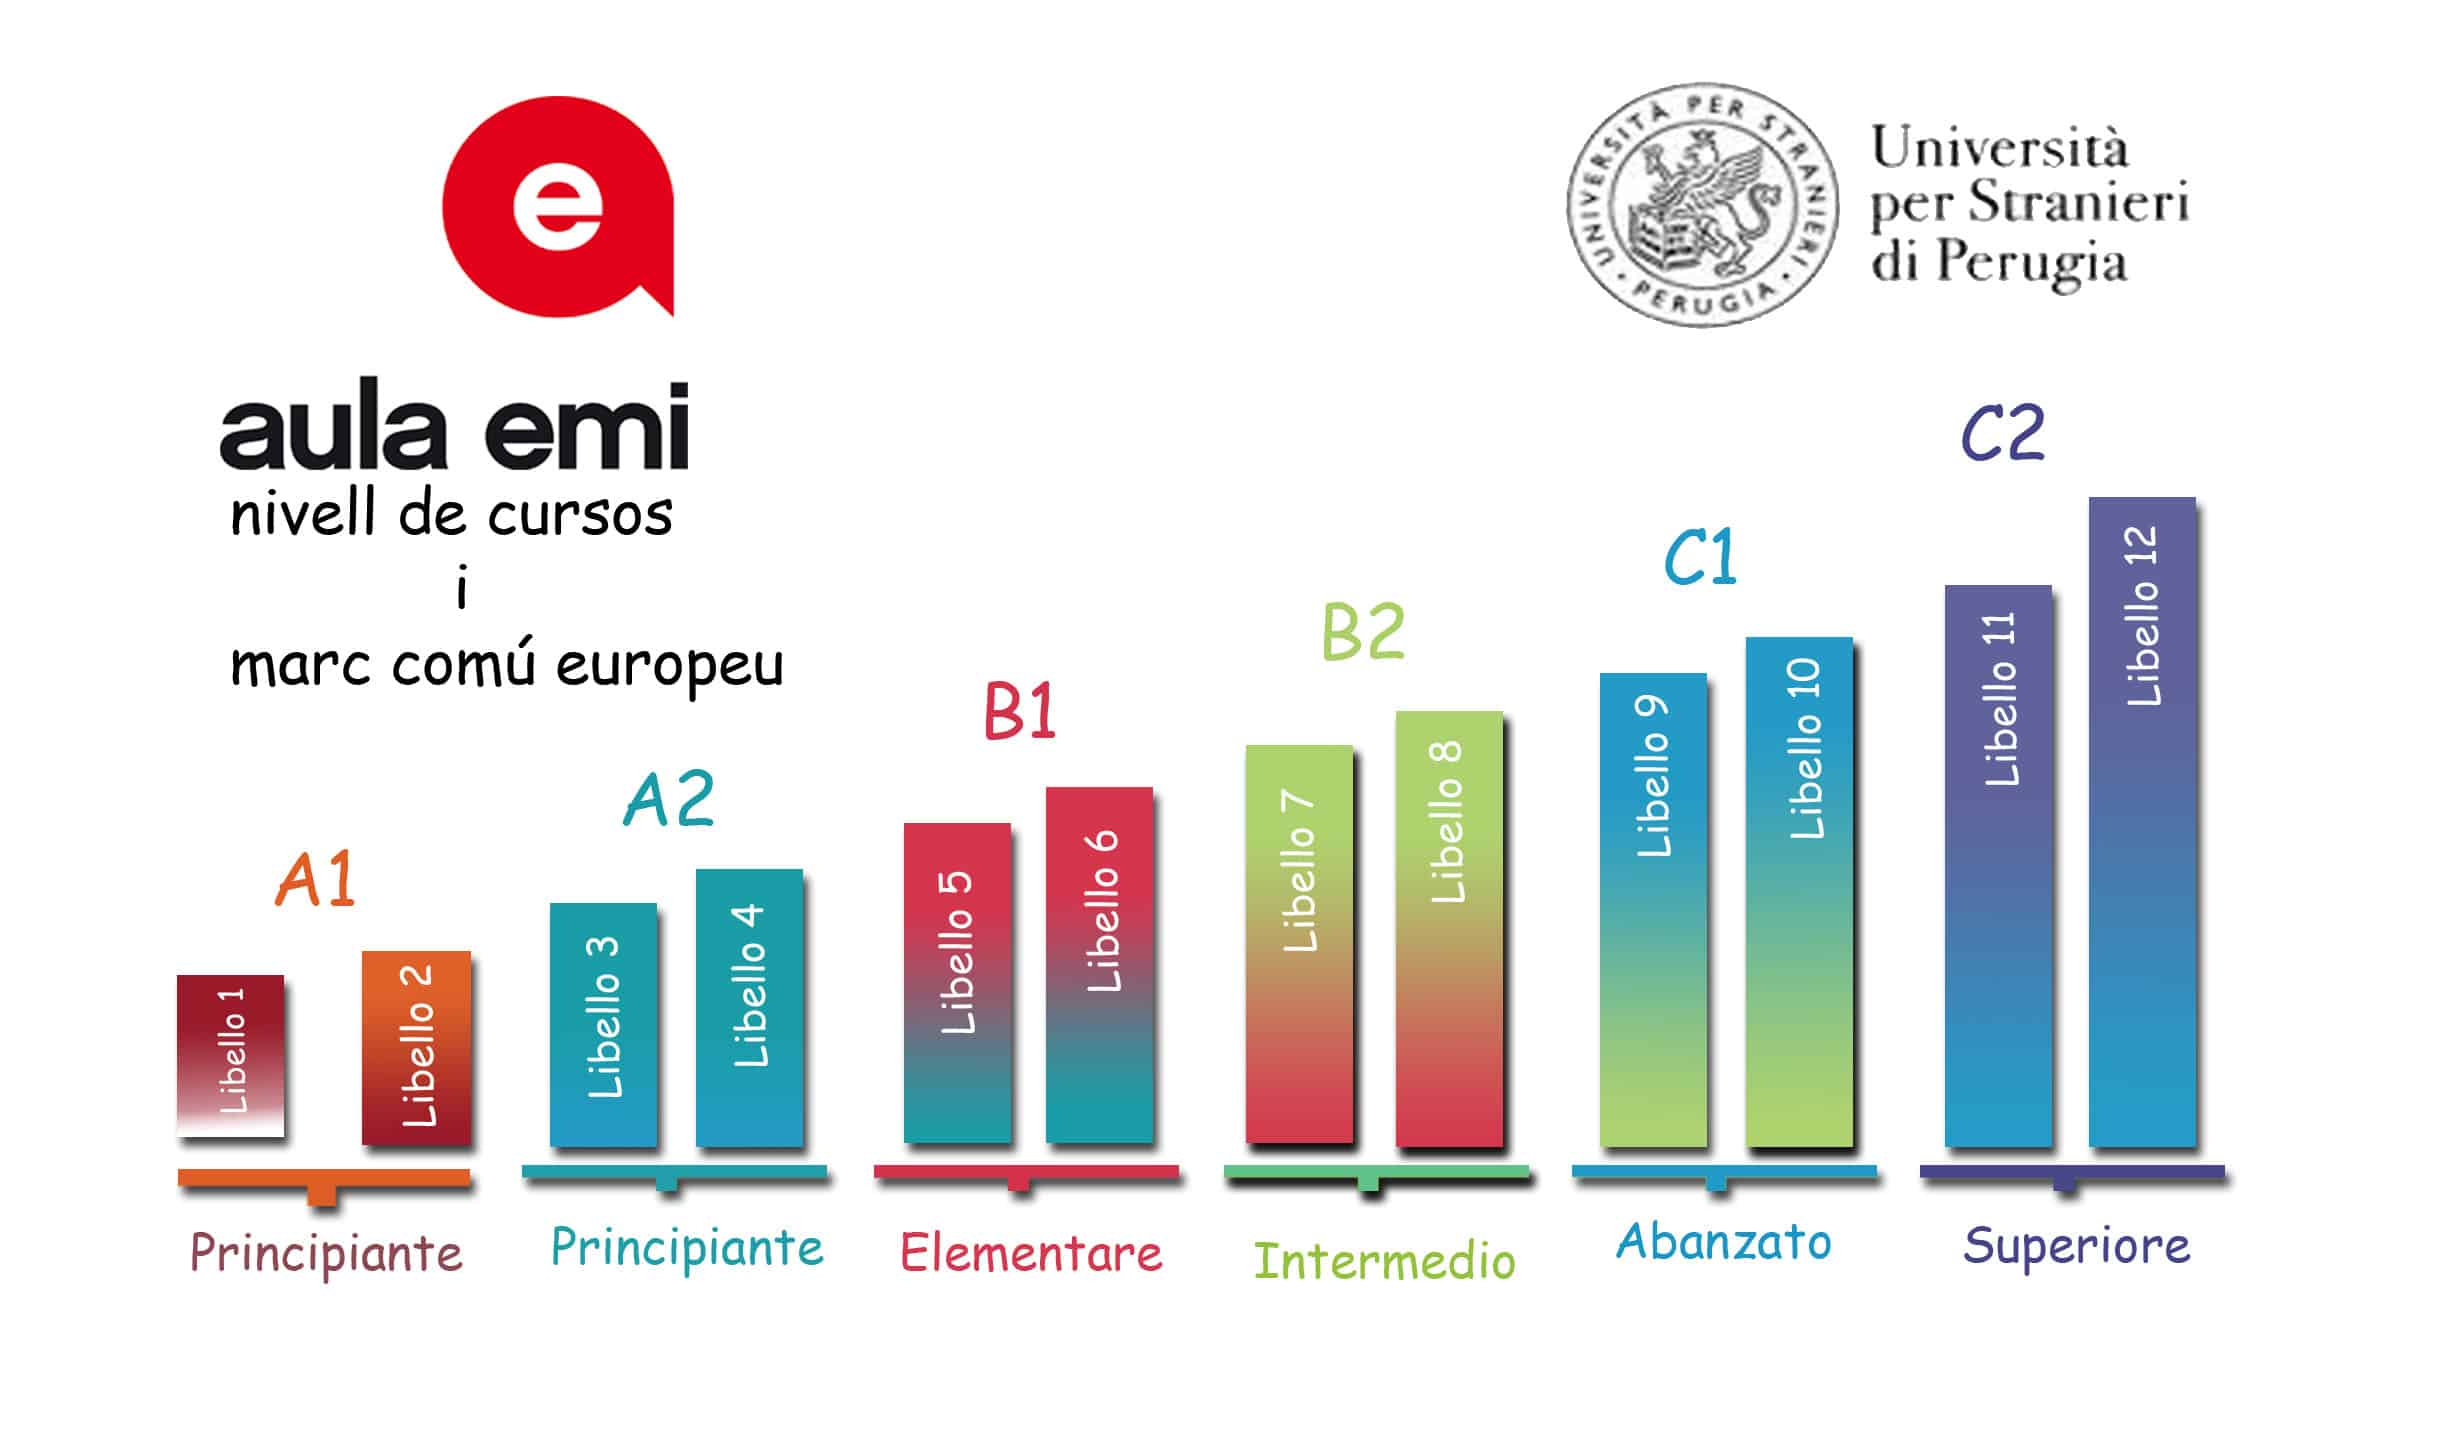 nivells cursos aulaemi nivells examens CELI nivells Marc Comú Europeu